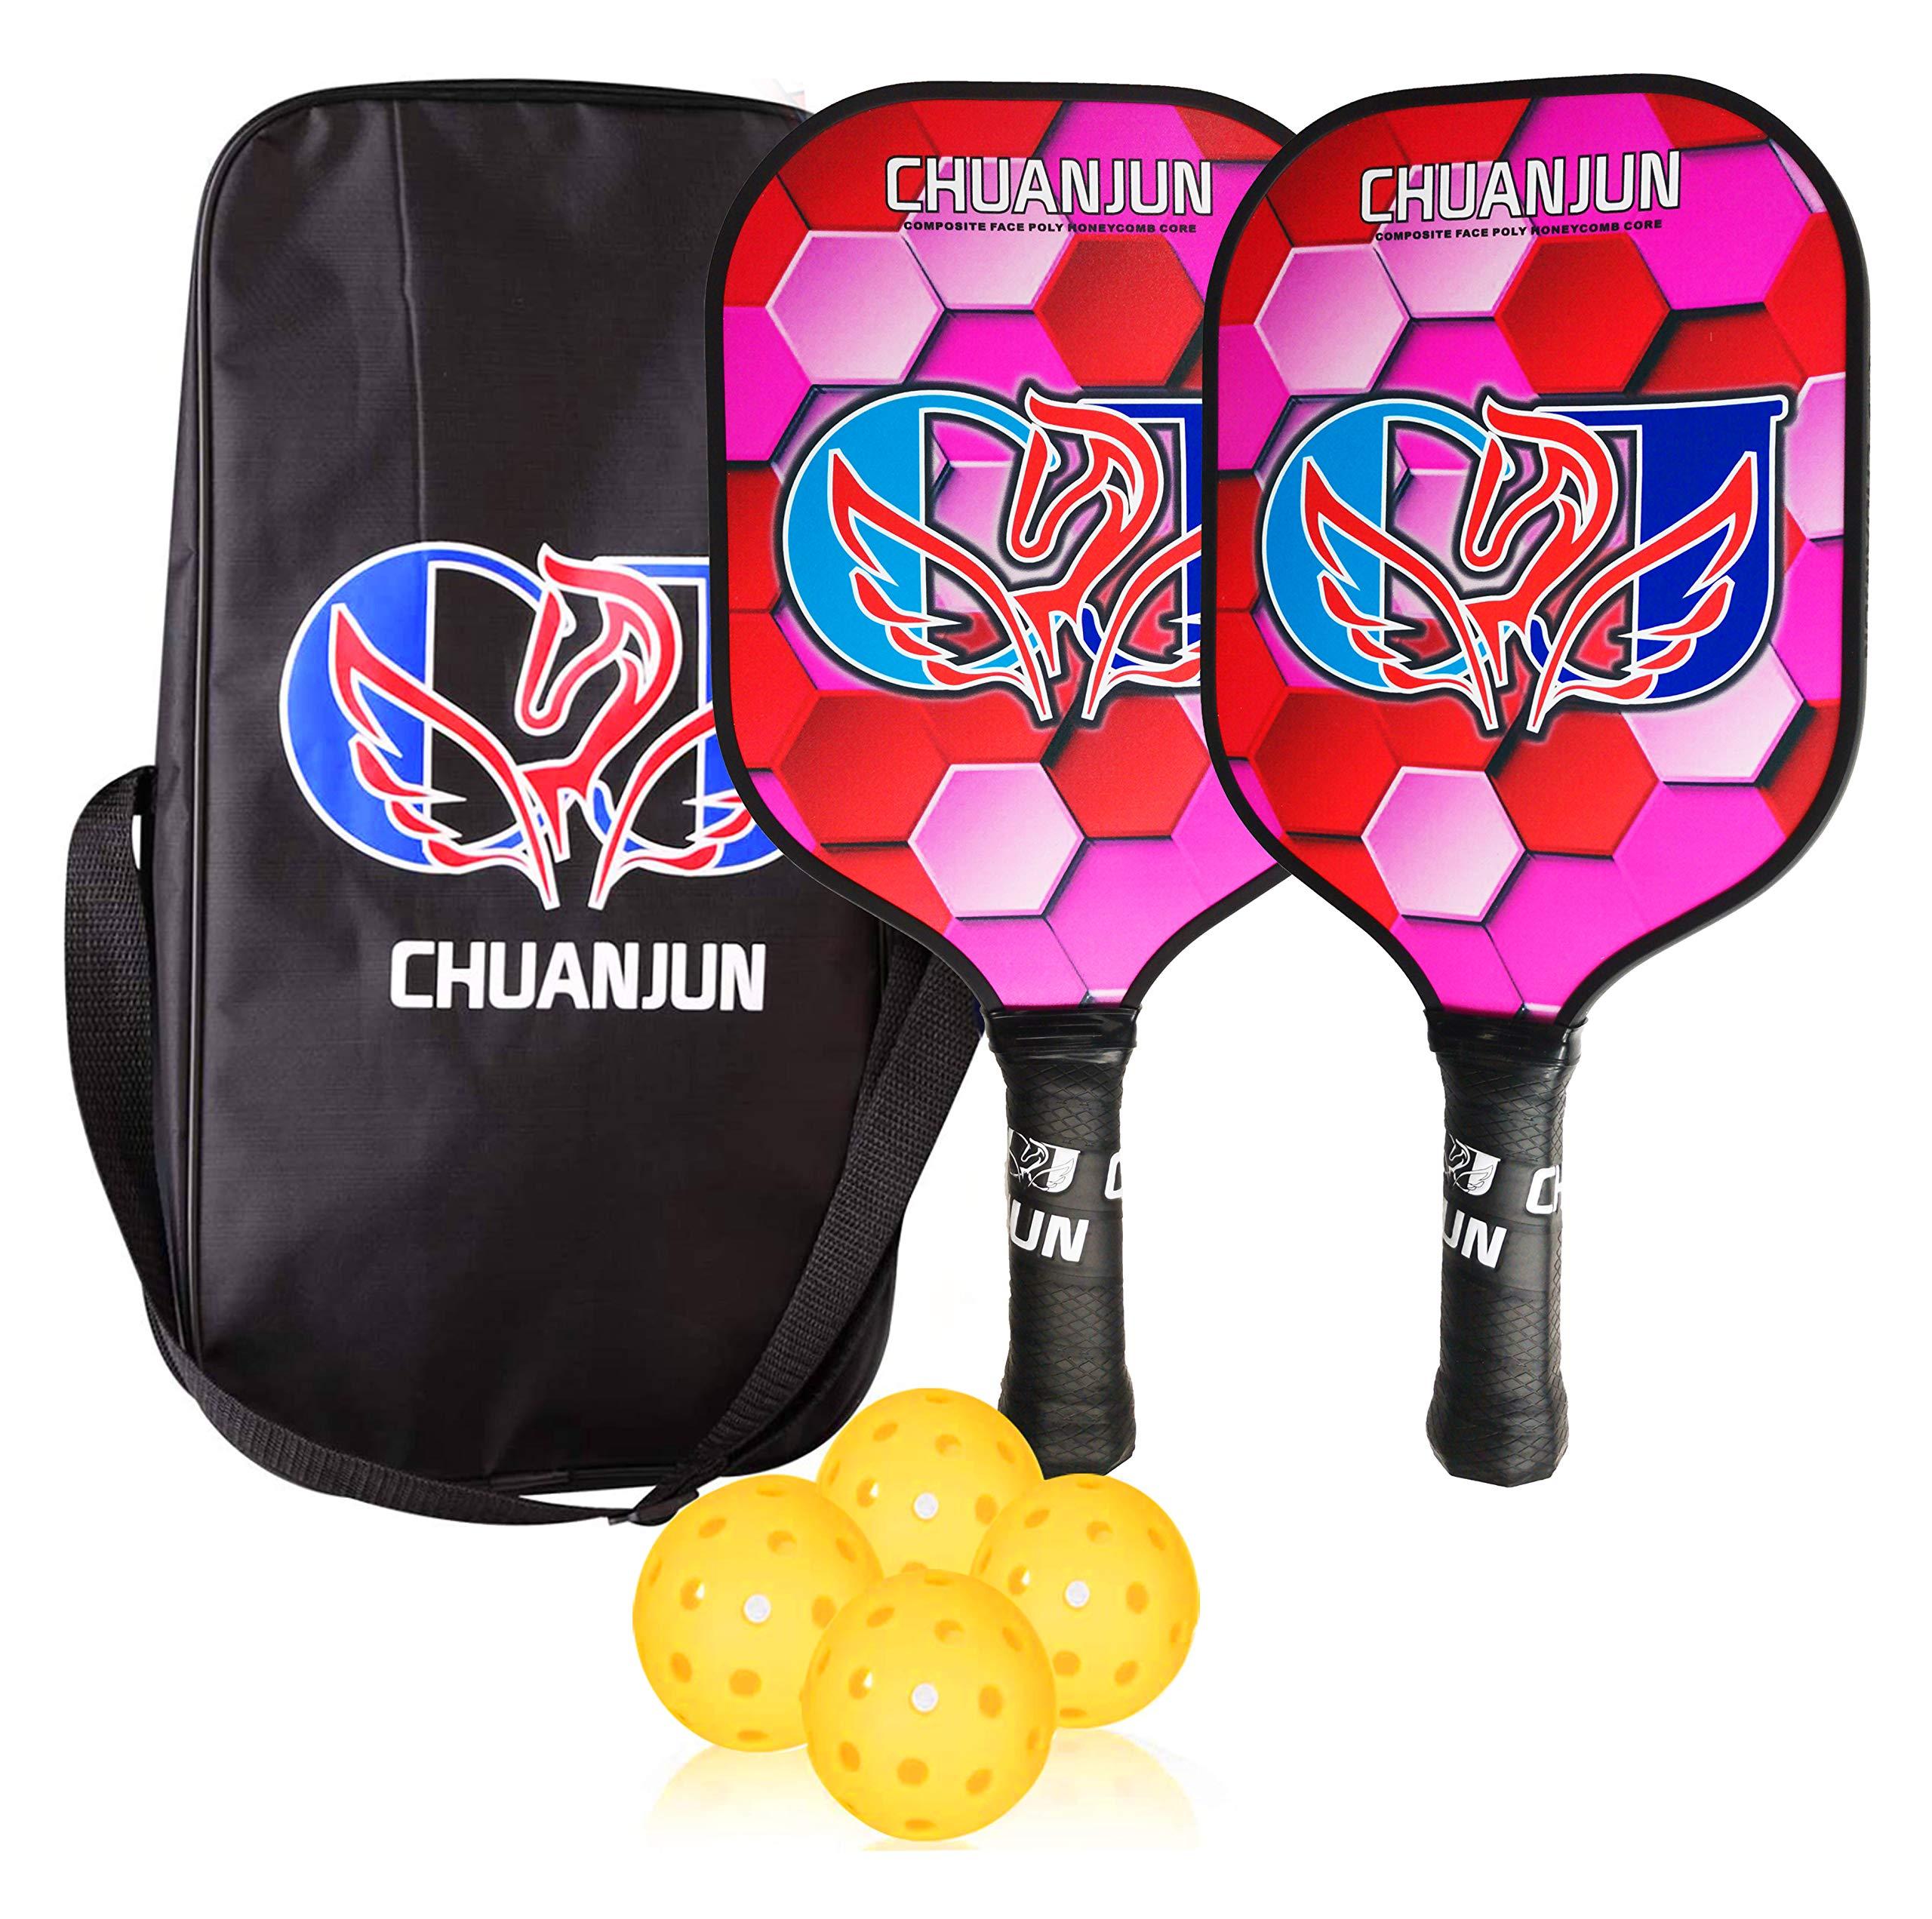 chuanjun Pickleball Paddles Set Composite Pickleball Racket